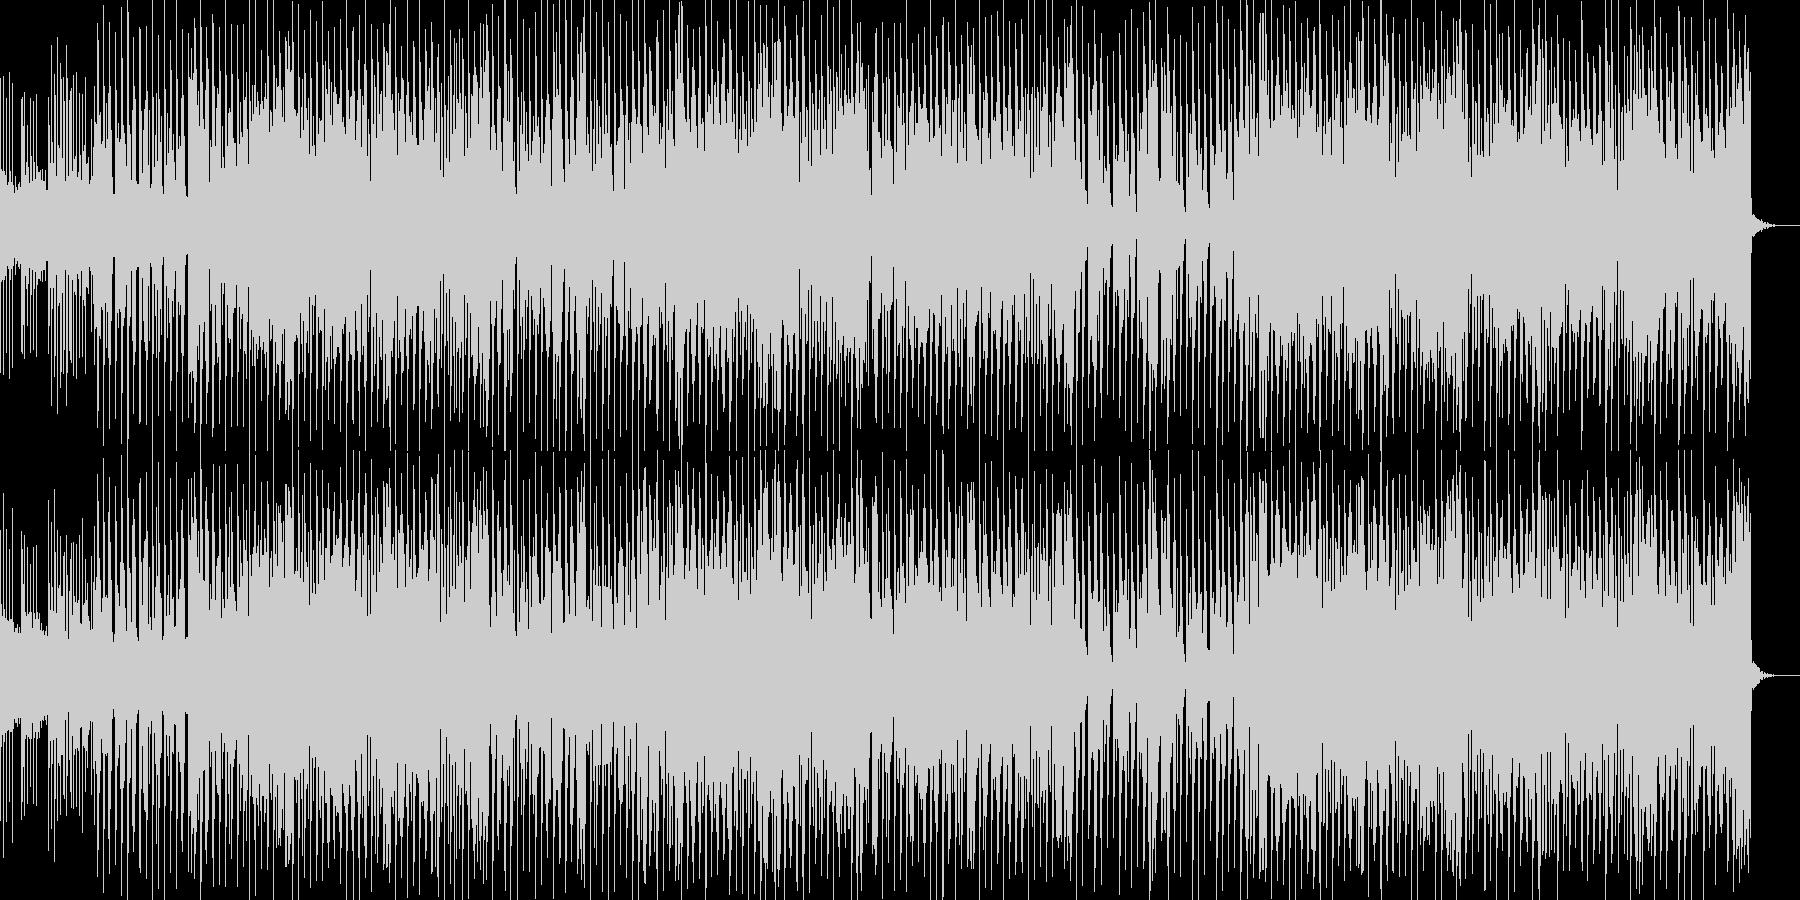 切ないリフが印象的なテクノの未再生の波形